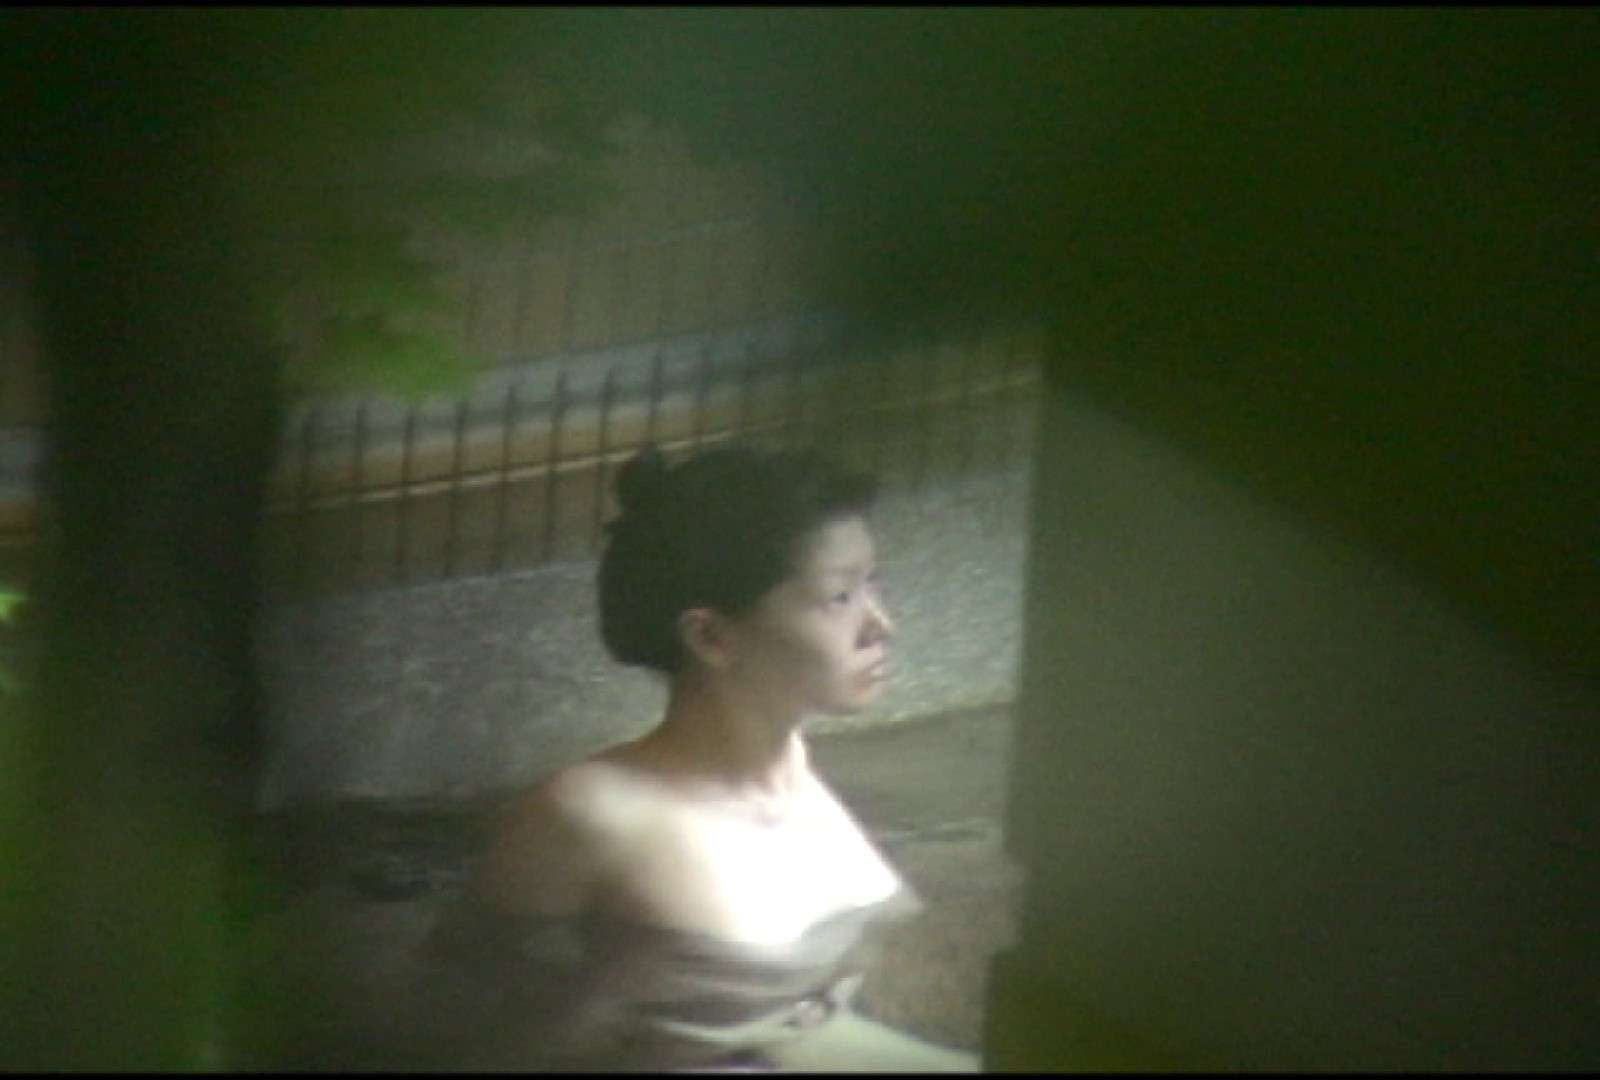 Aquaな露天風呂Vol.699 盗撮シリーズ  93PIX 4